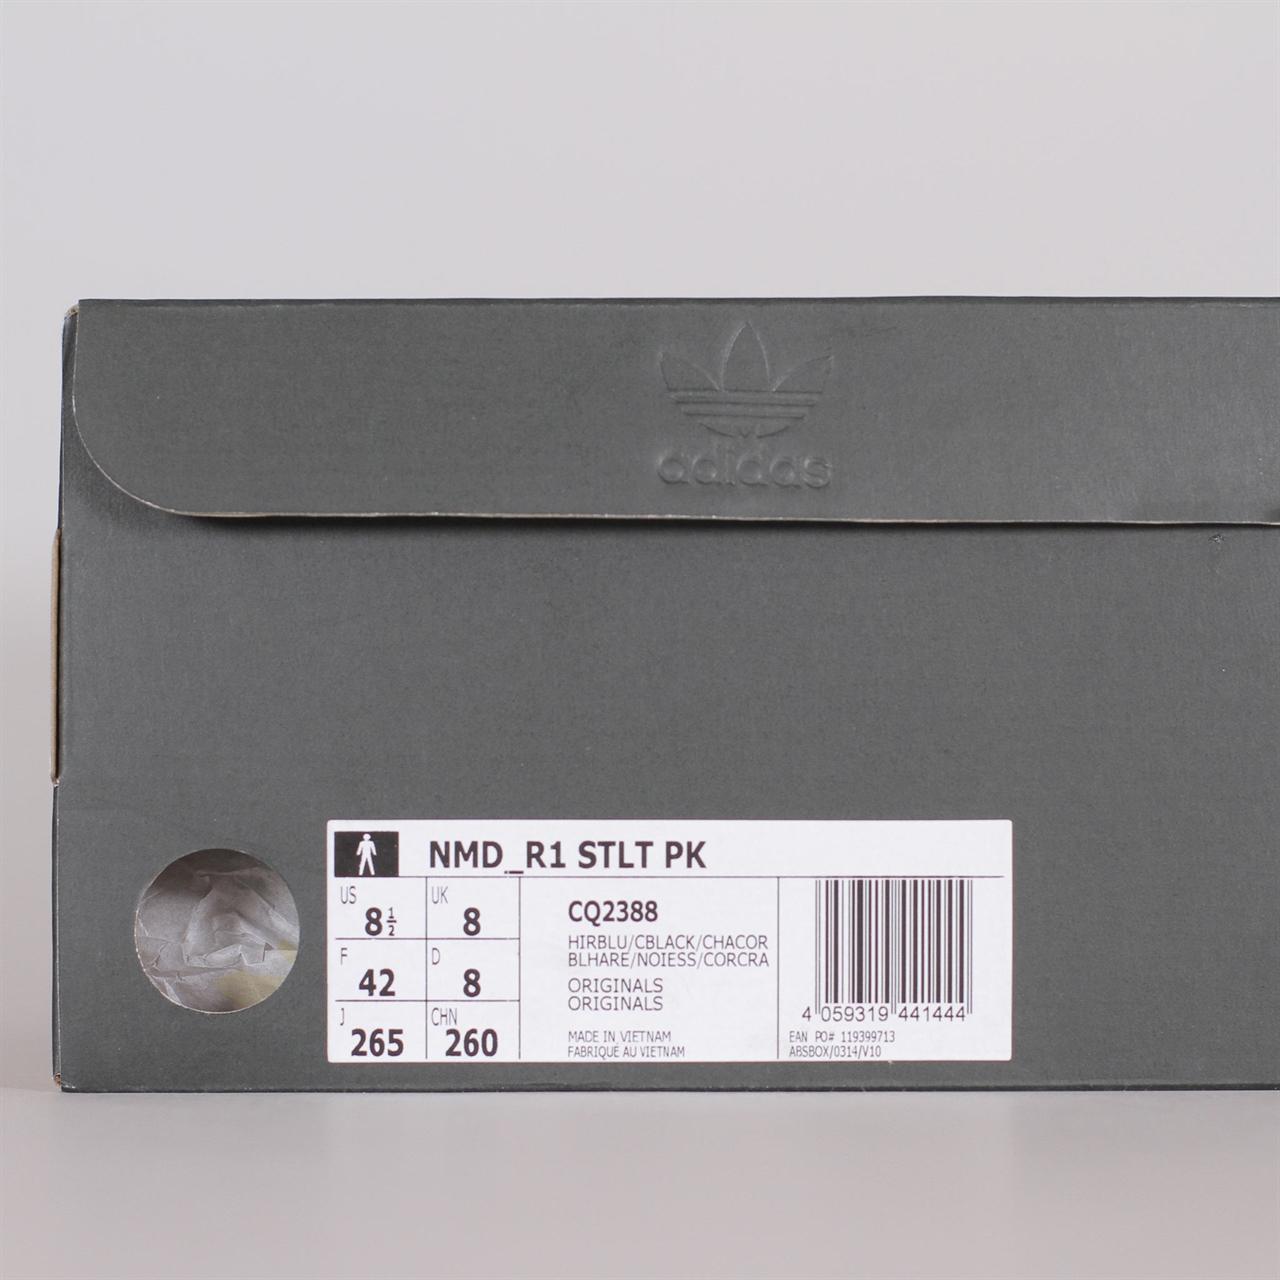 4076c5a8609ad Adidas OriginalsAdidas Originals NMD R1 STLT Primeknit (CQ2388). 1